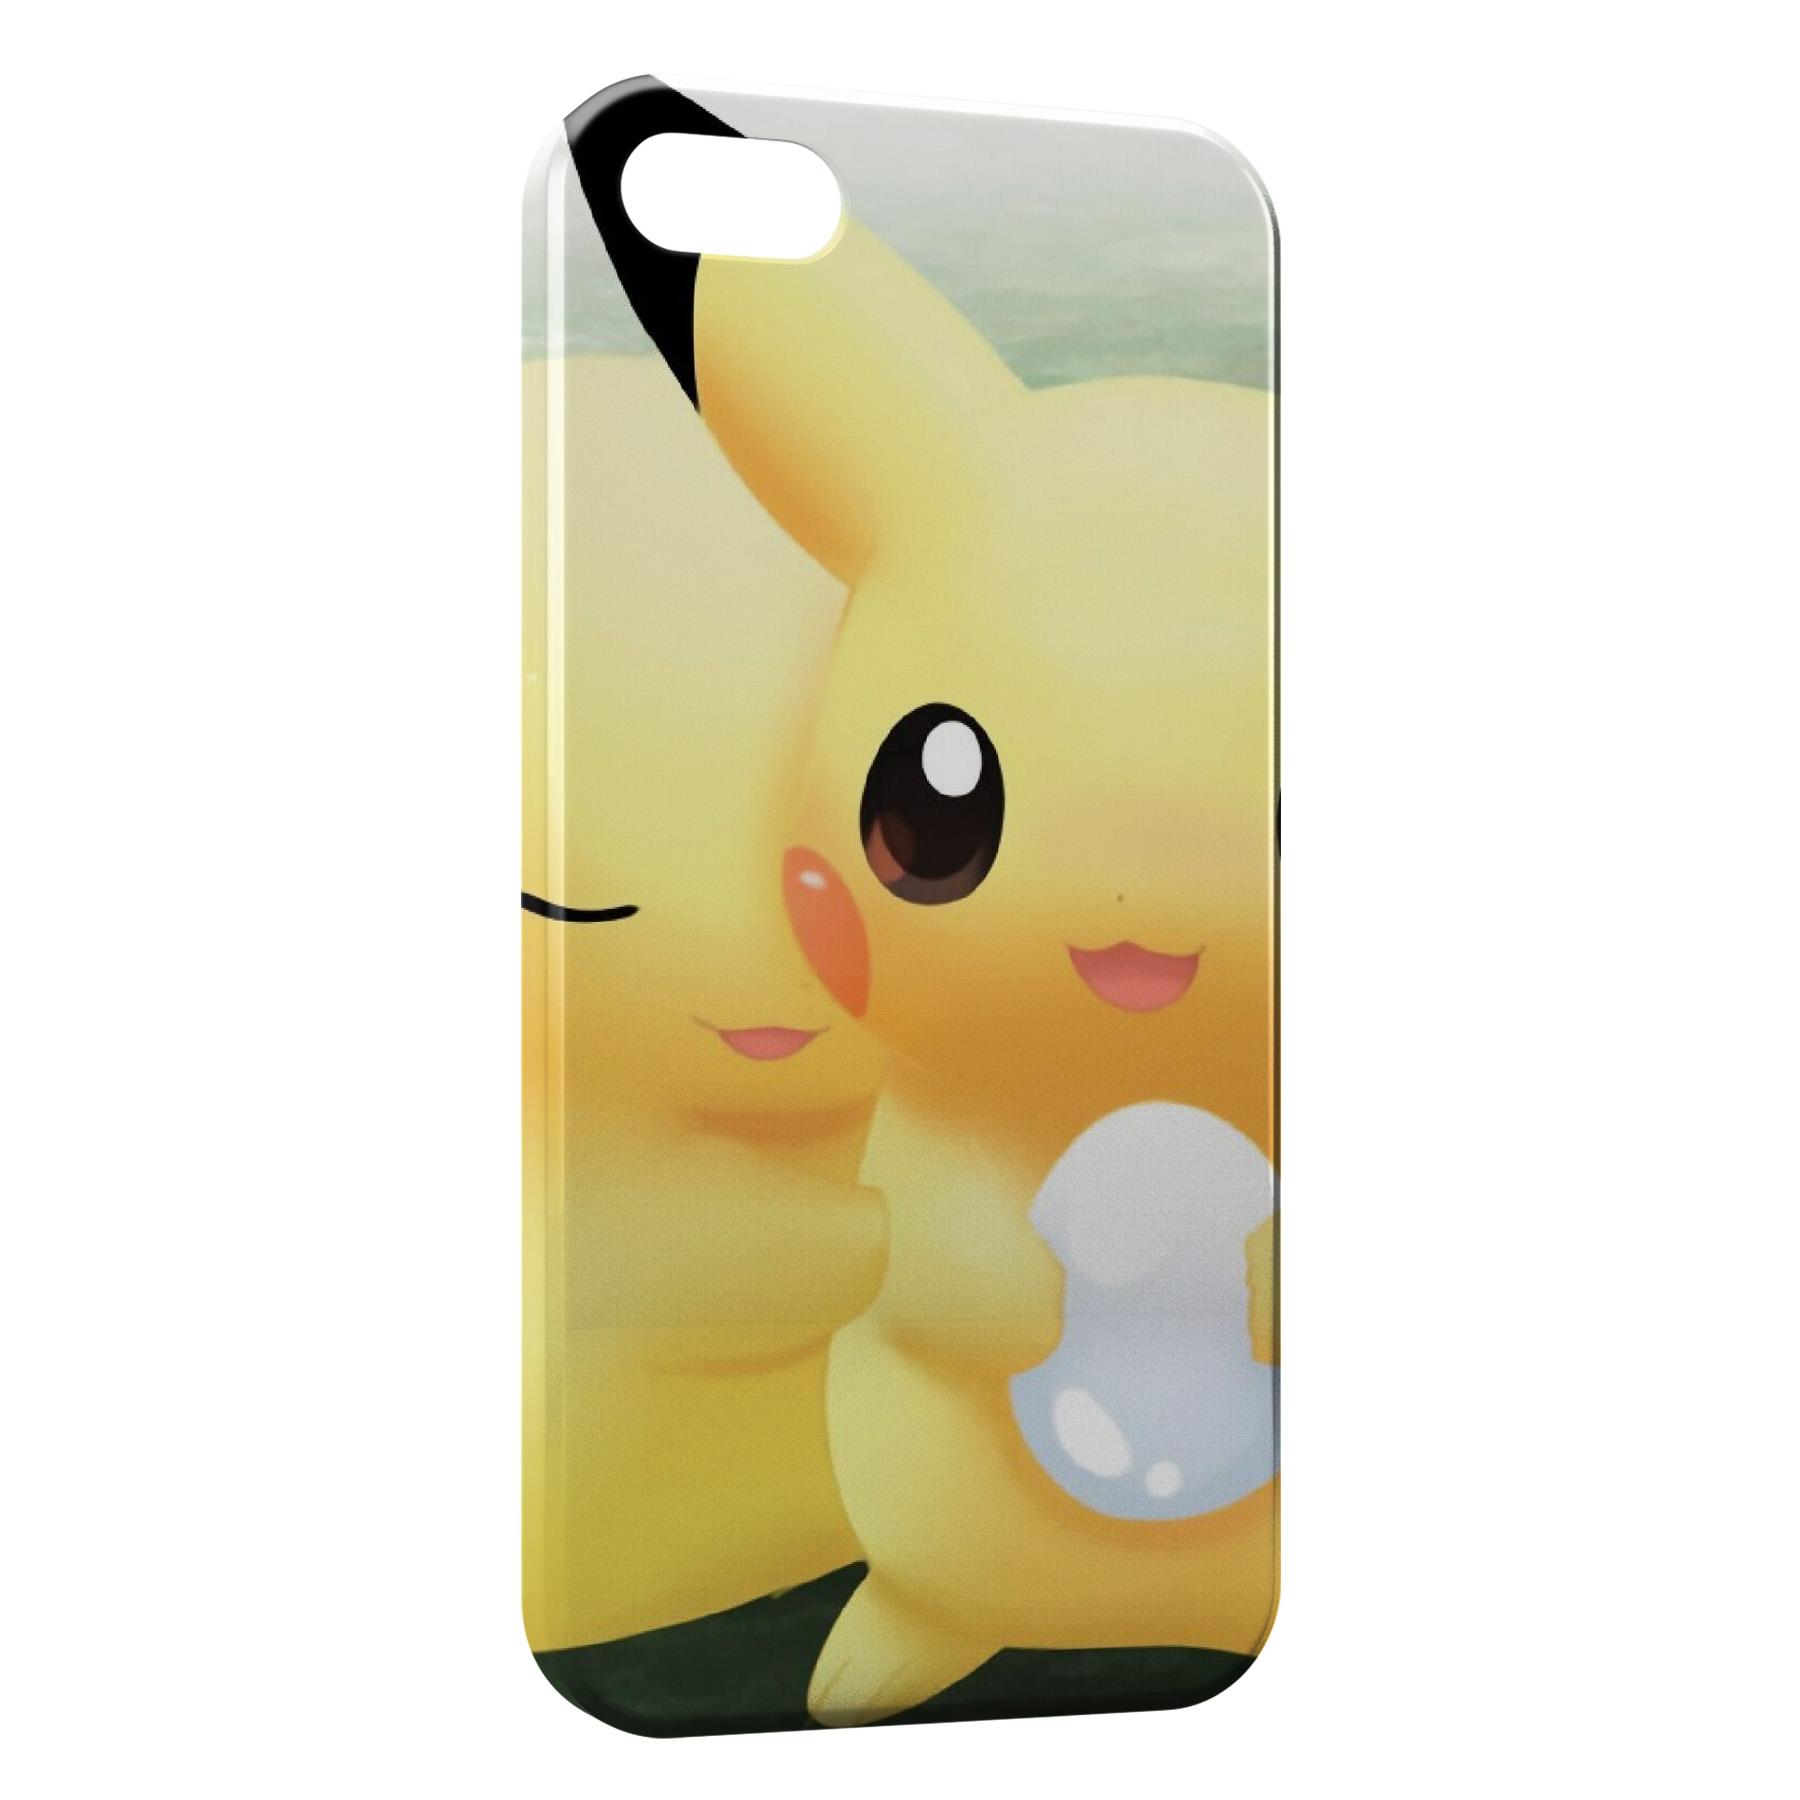 coque pikachu iphone 6